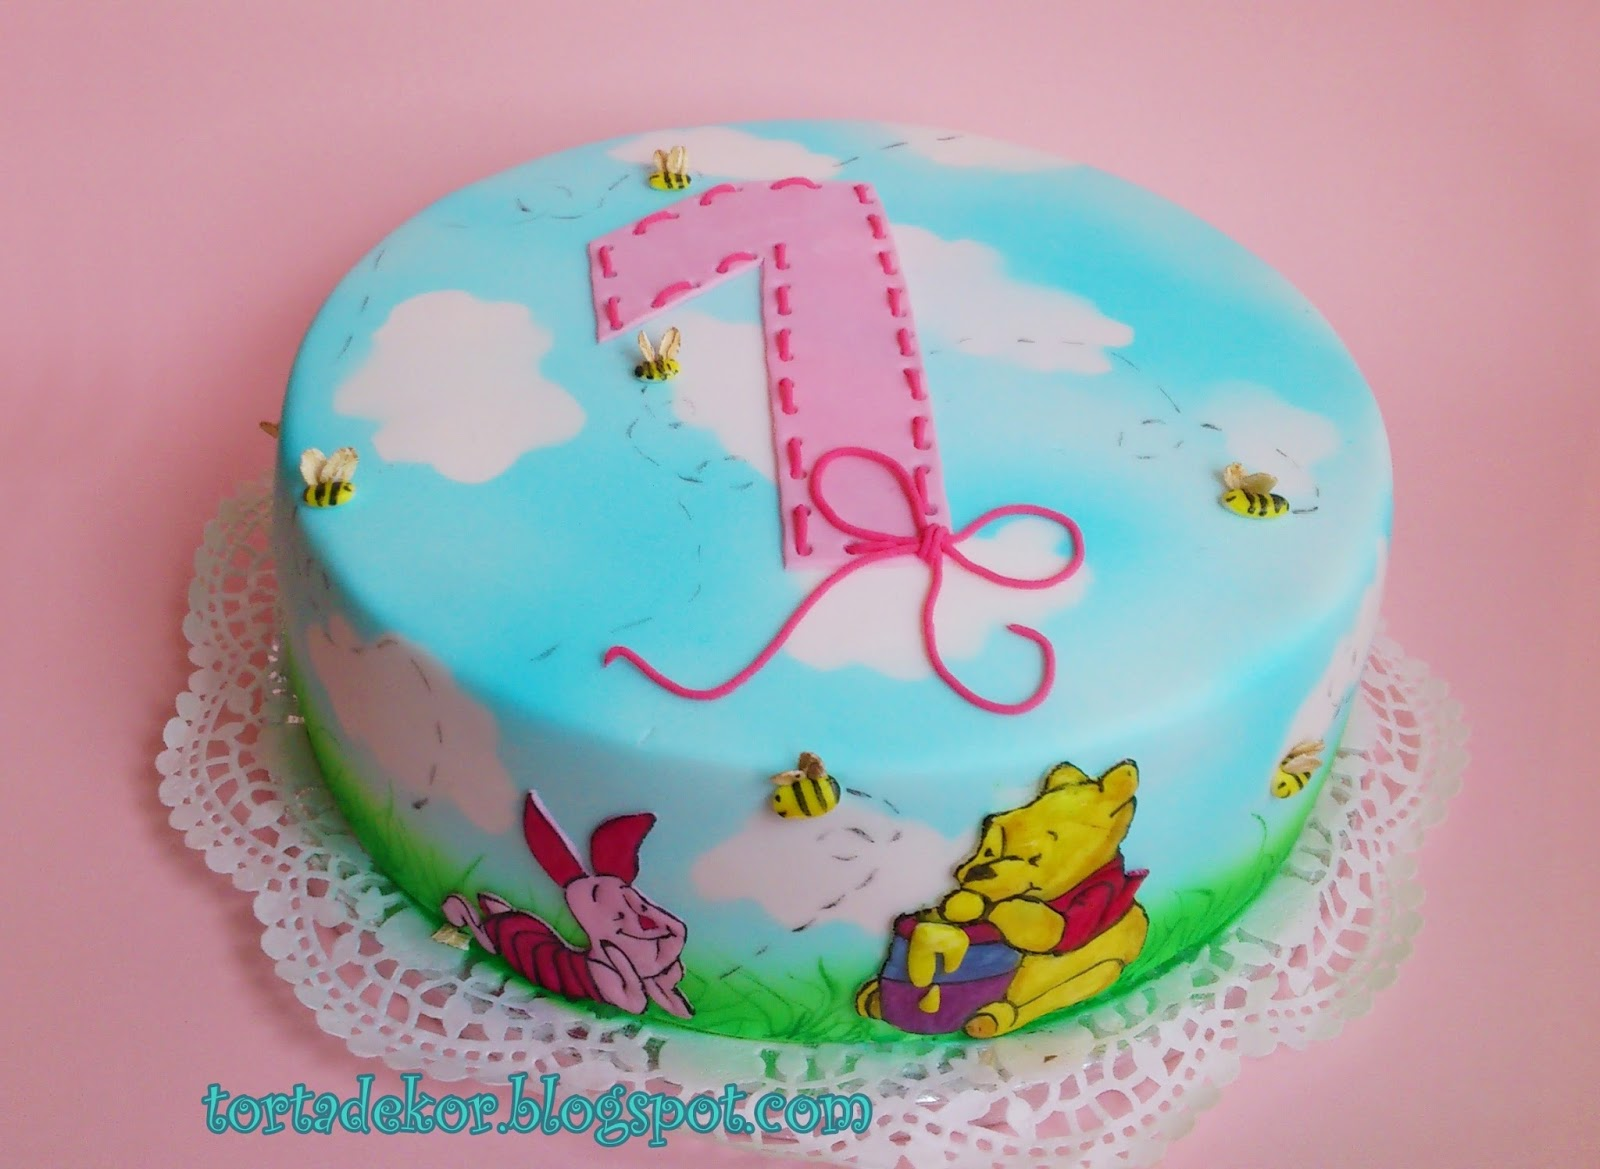 1 éves szülinapi torta Torták és más finomságok: Micimackós torta első szülinapra 1 éves szülinapi torta